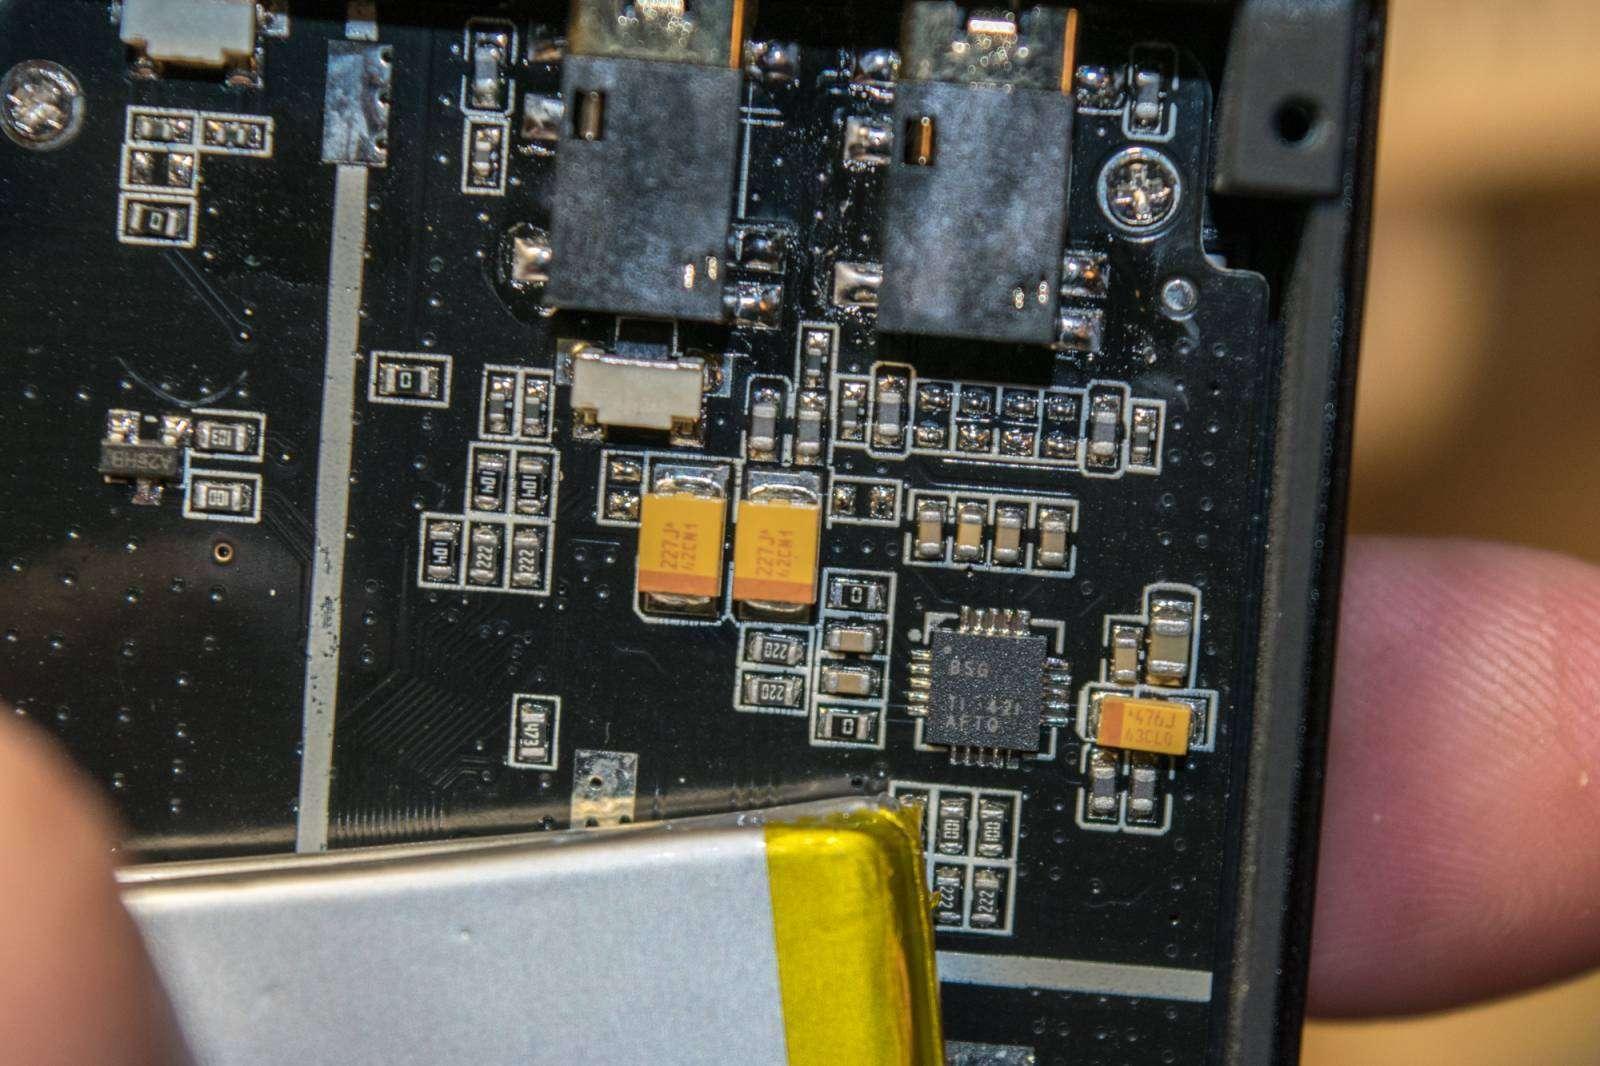 PenonAudio: Обзор NiNTAUS X10 - Интересный аудиоплеер с поддержкой lossless 24Bit/192Khz и DSD64